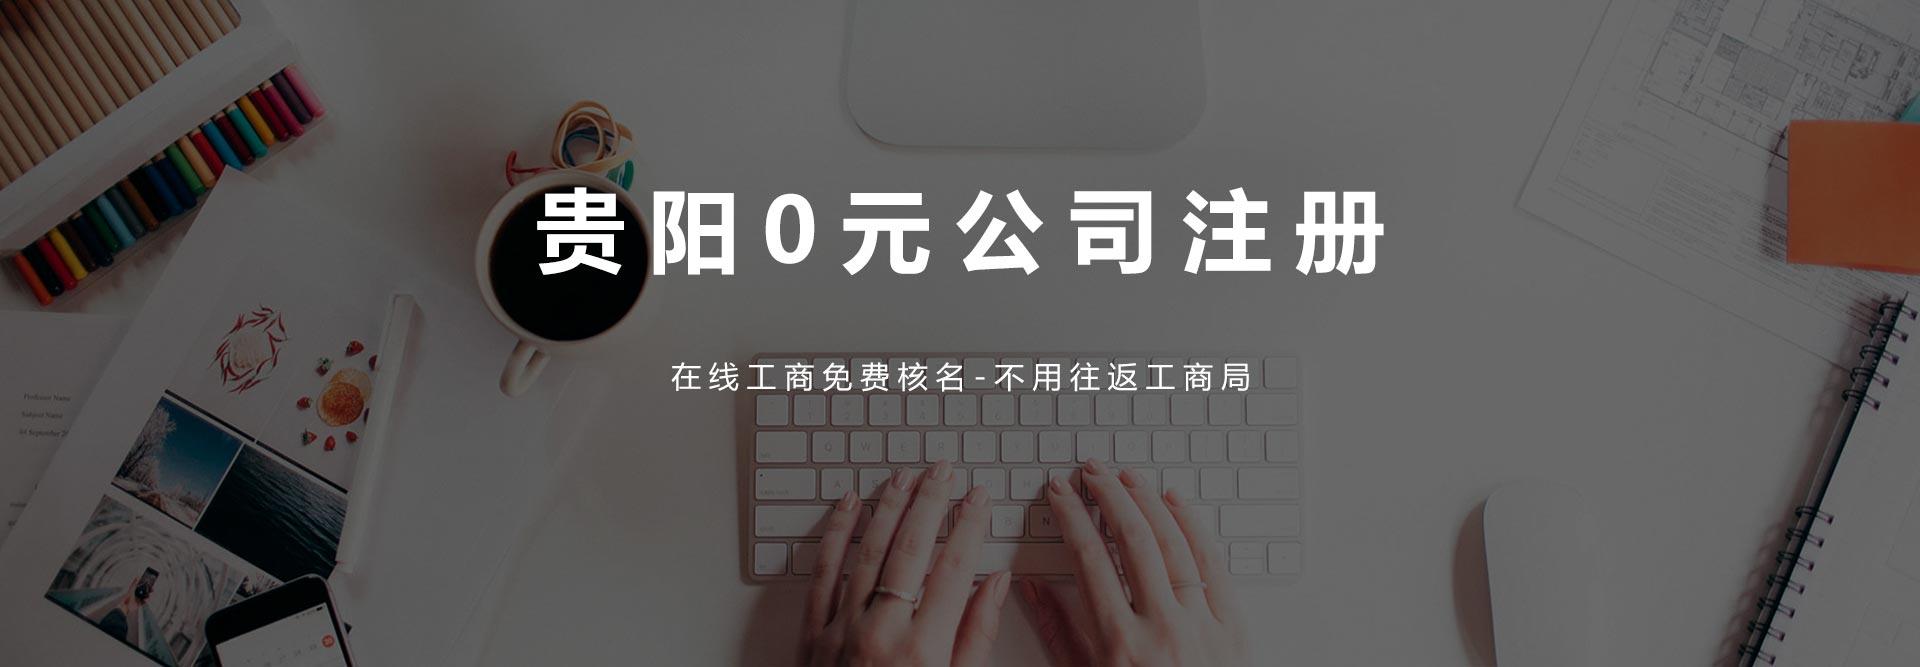 郑州有实力的公司代理注册